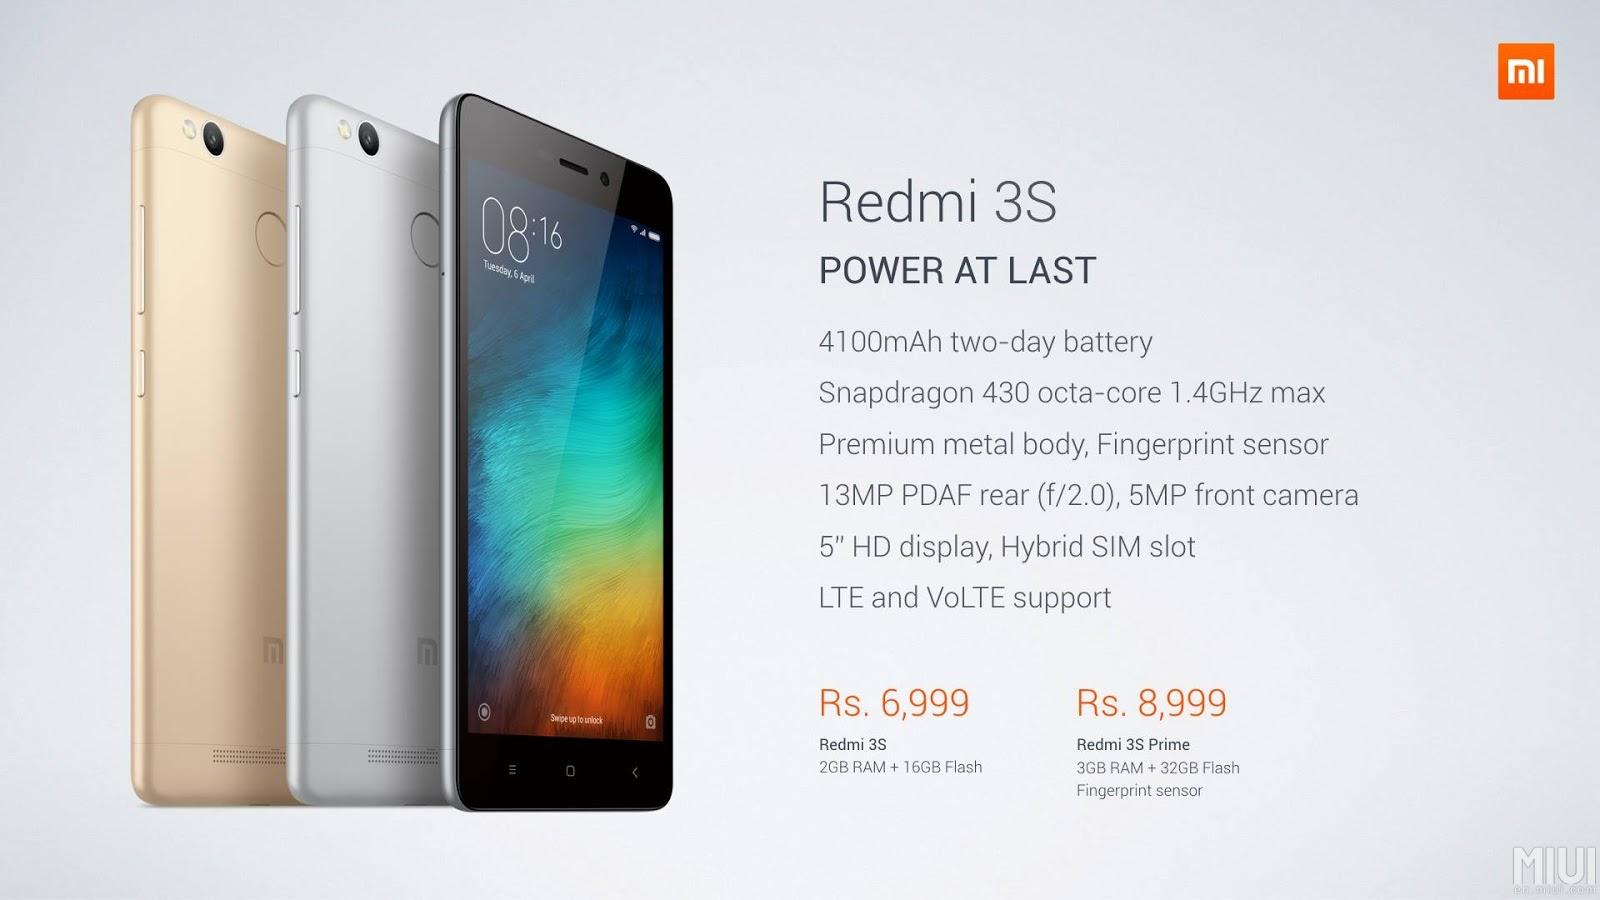 Redmi 3S 2GB+16GB & Redmi 3S Prime 3GB+32GB with Finger